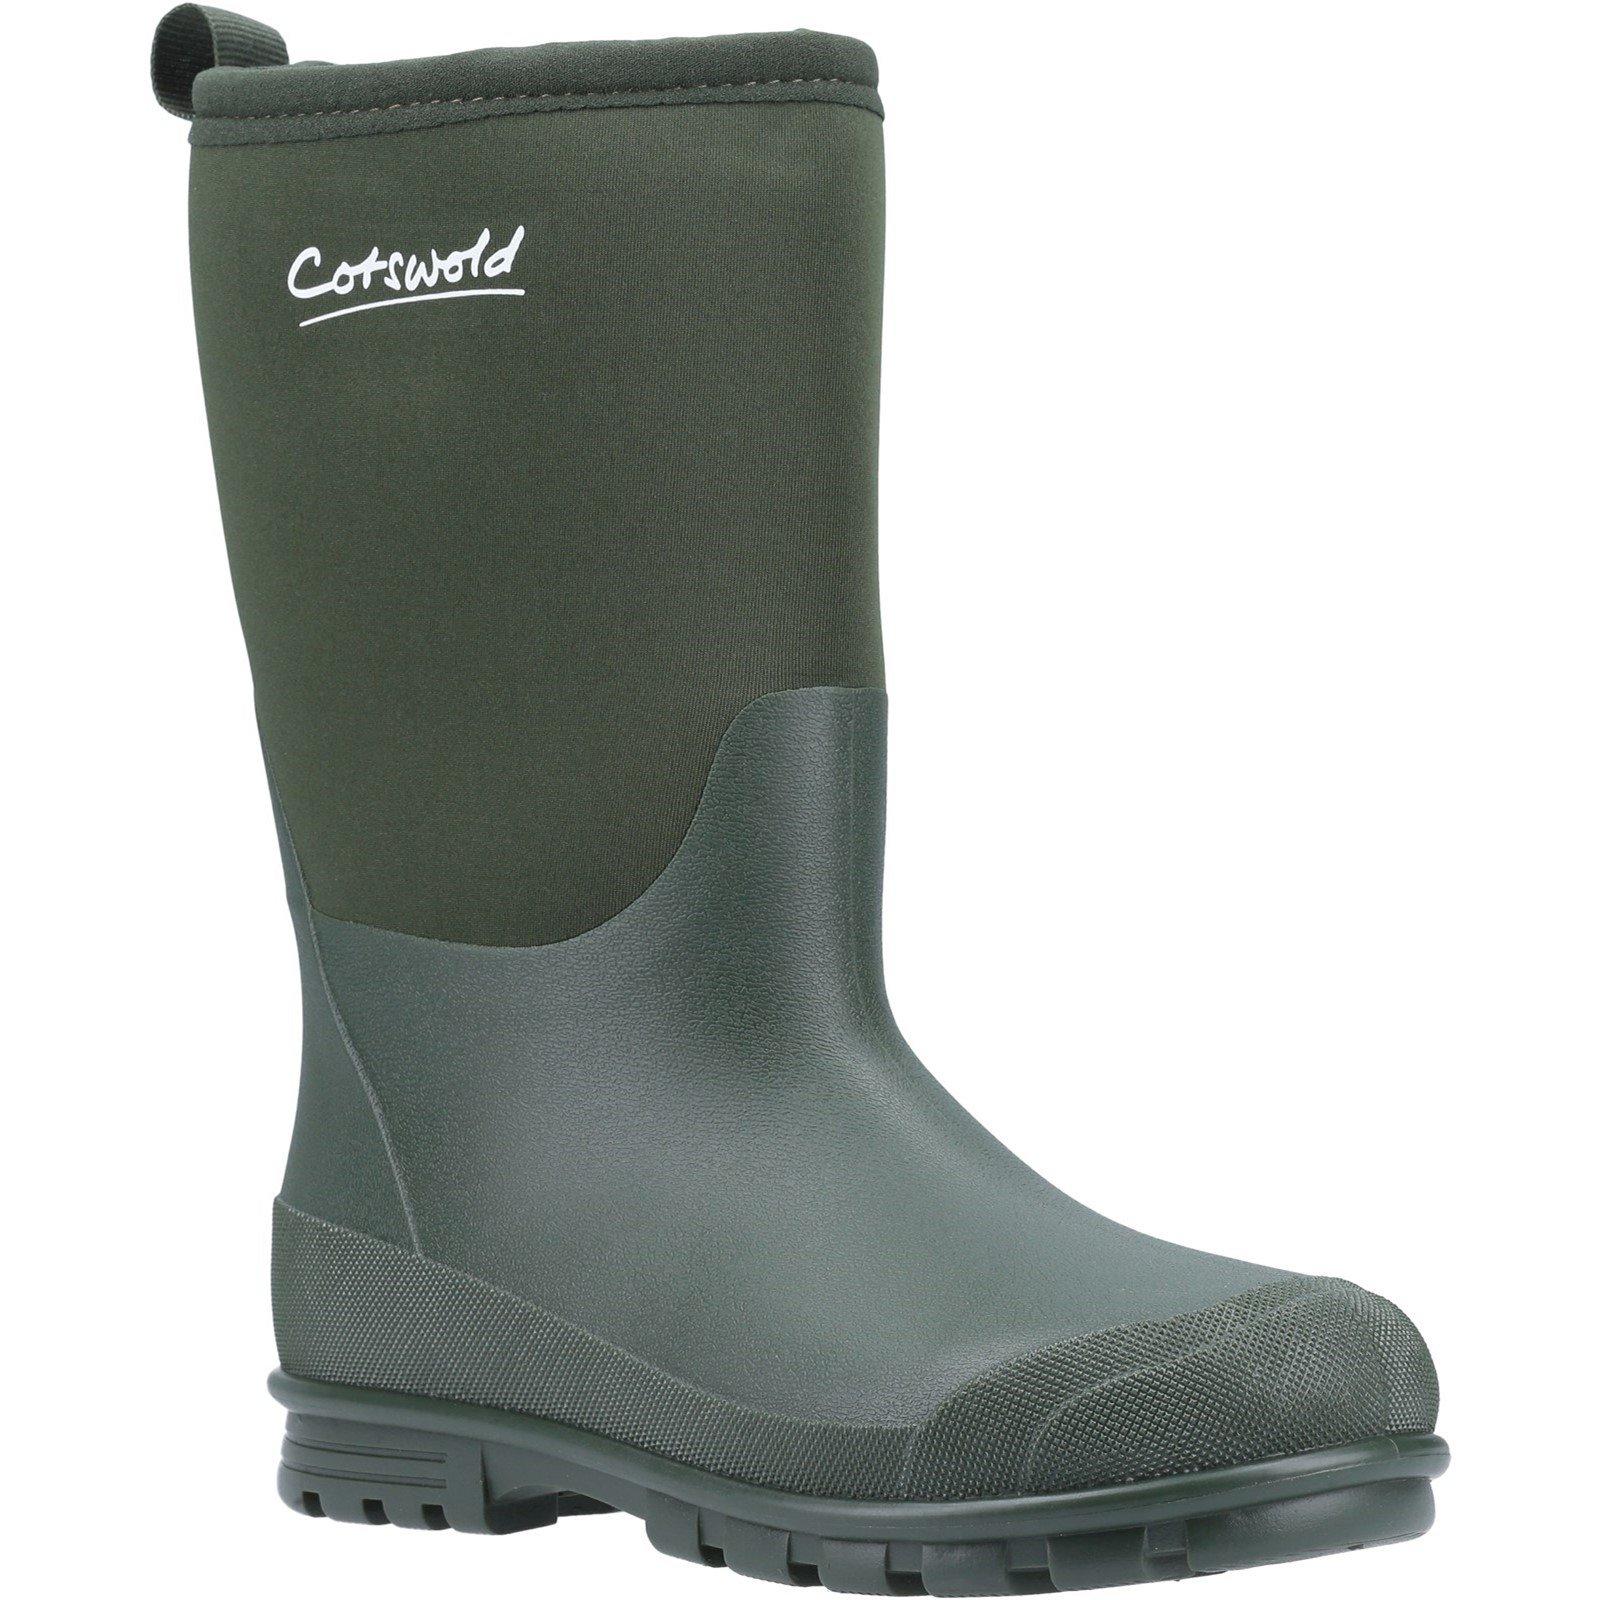 Cotswold Women's Hilly Neoprene Wellington Boot - Green 8.5